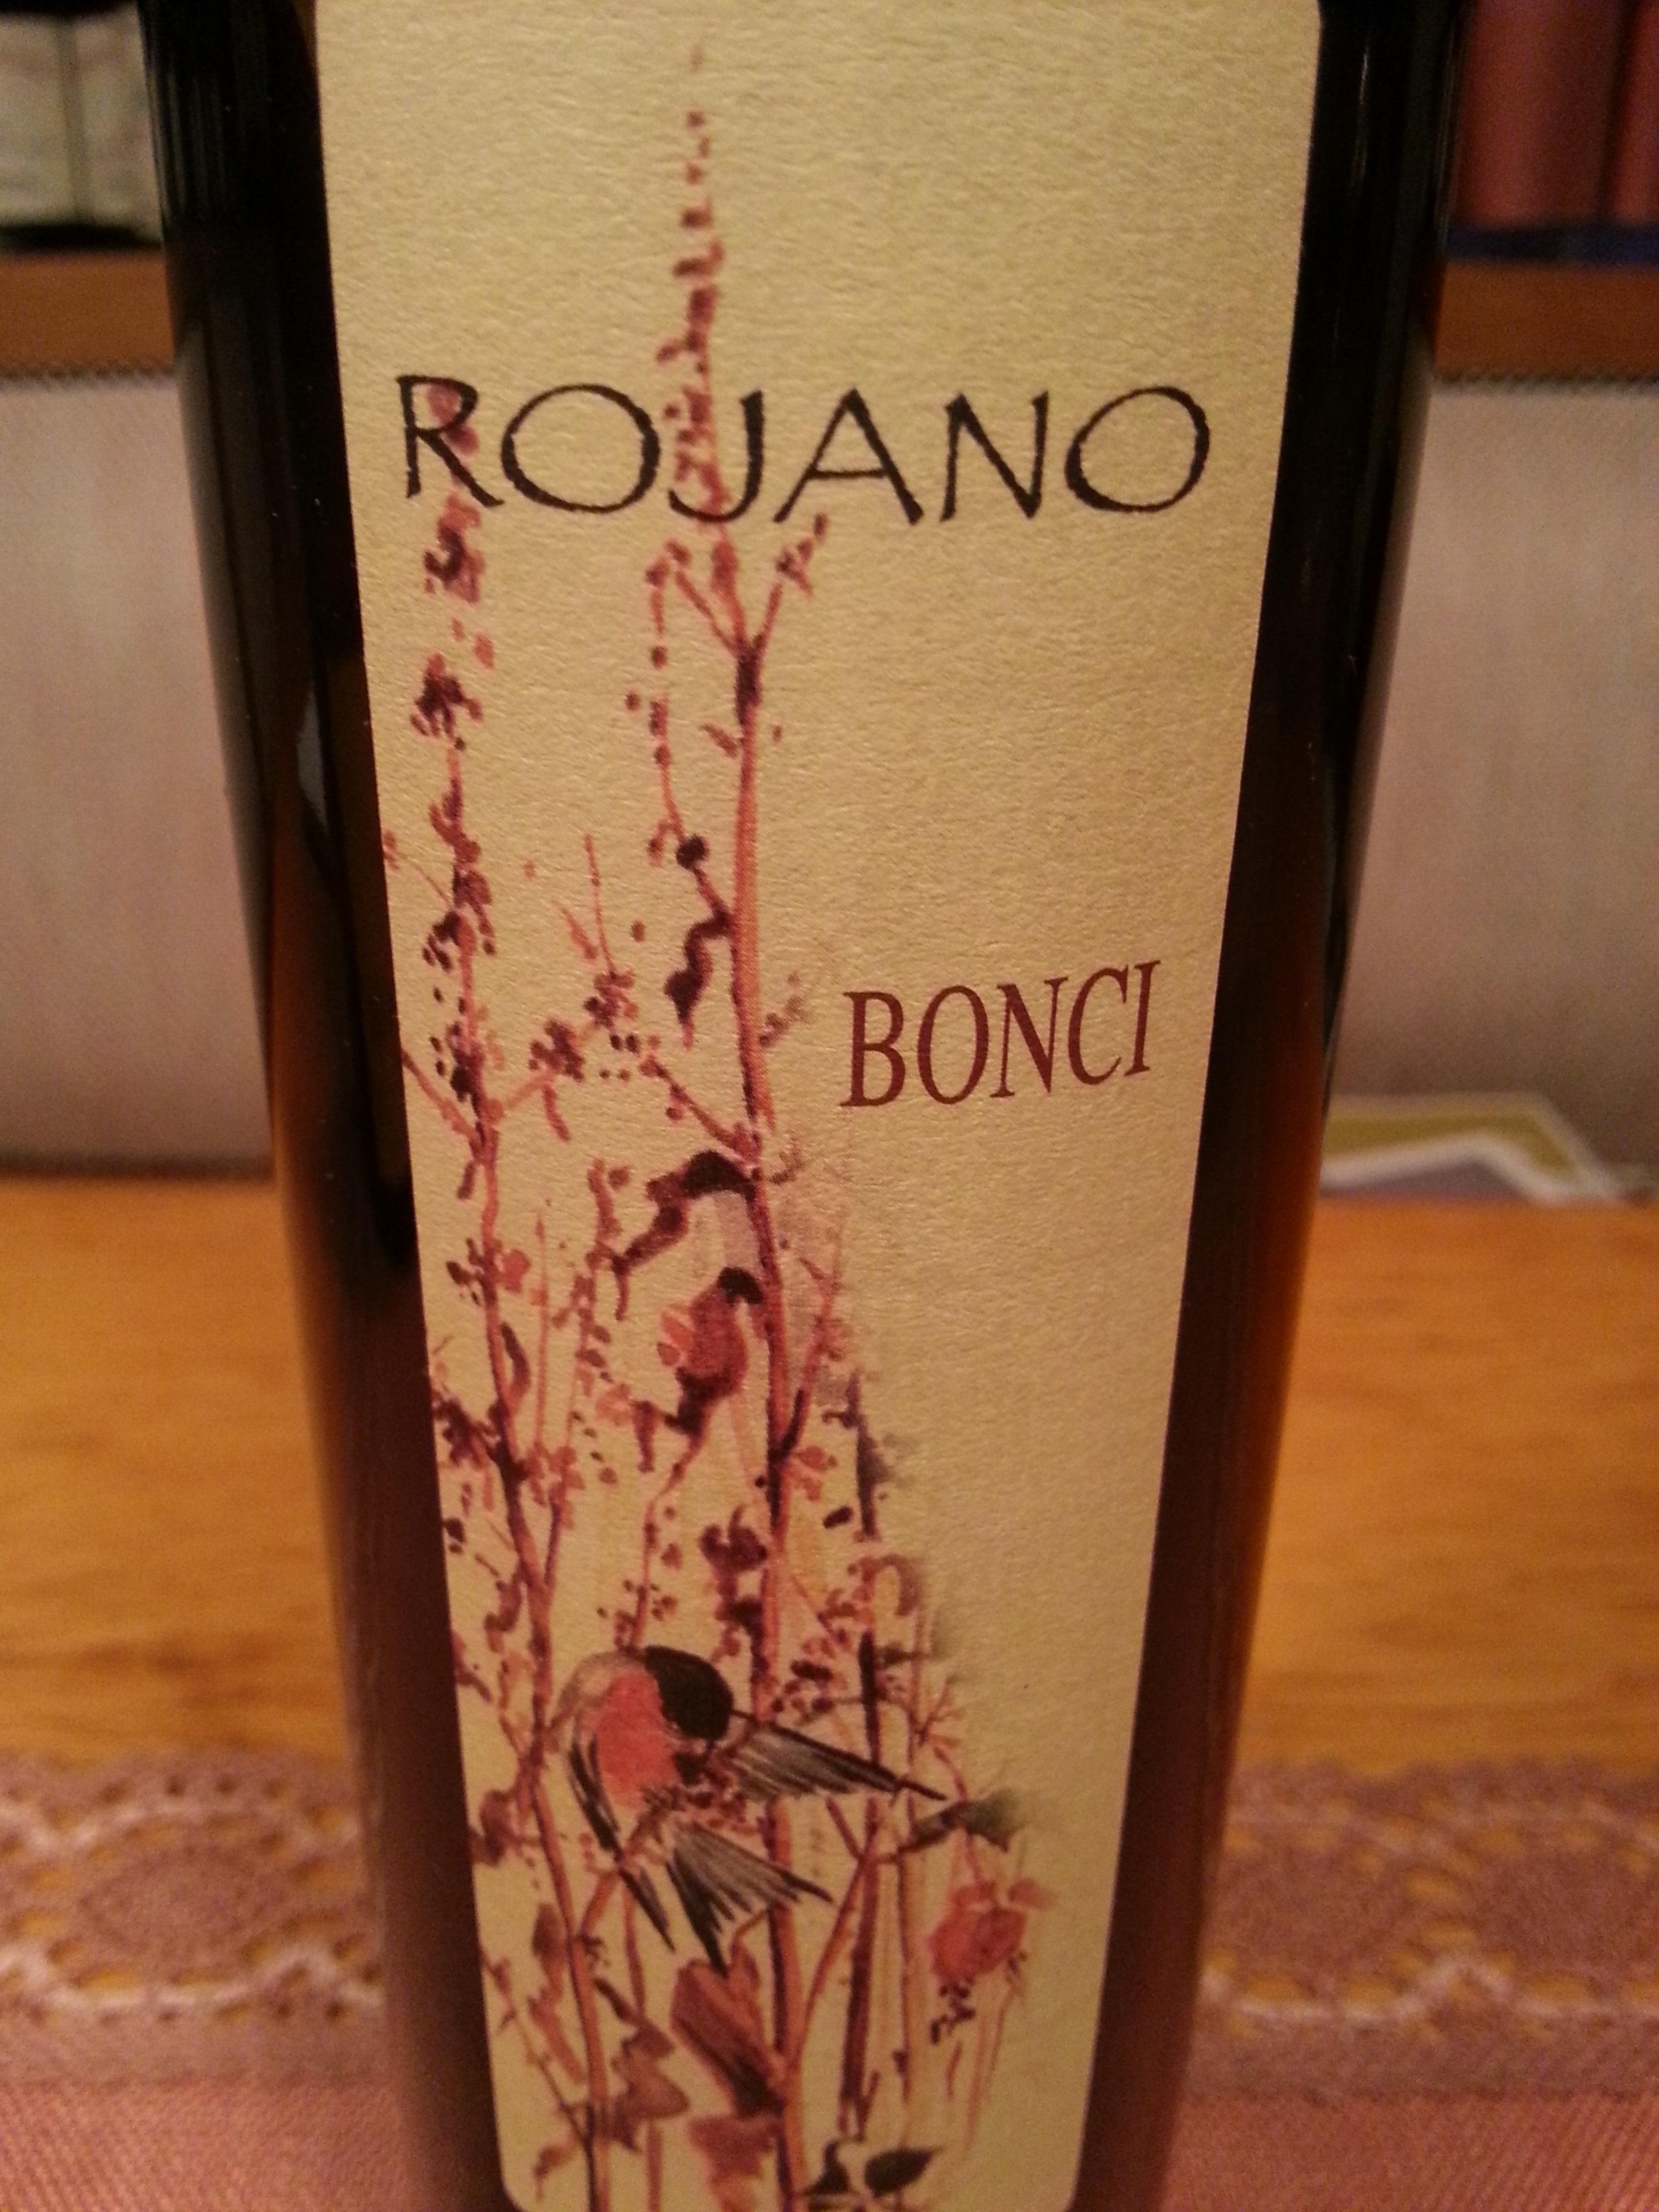 2007 Passito Rojano | Bonci